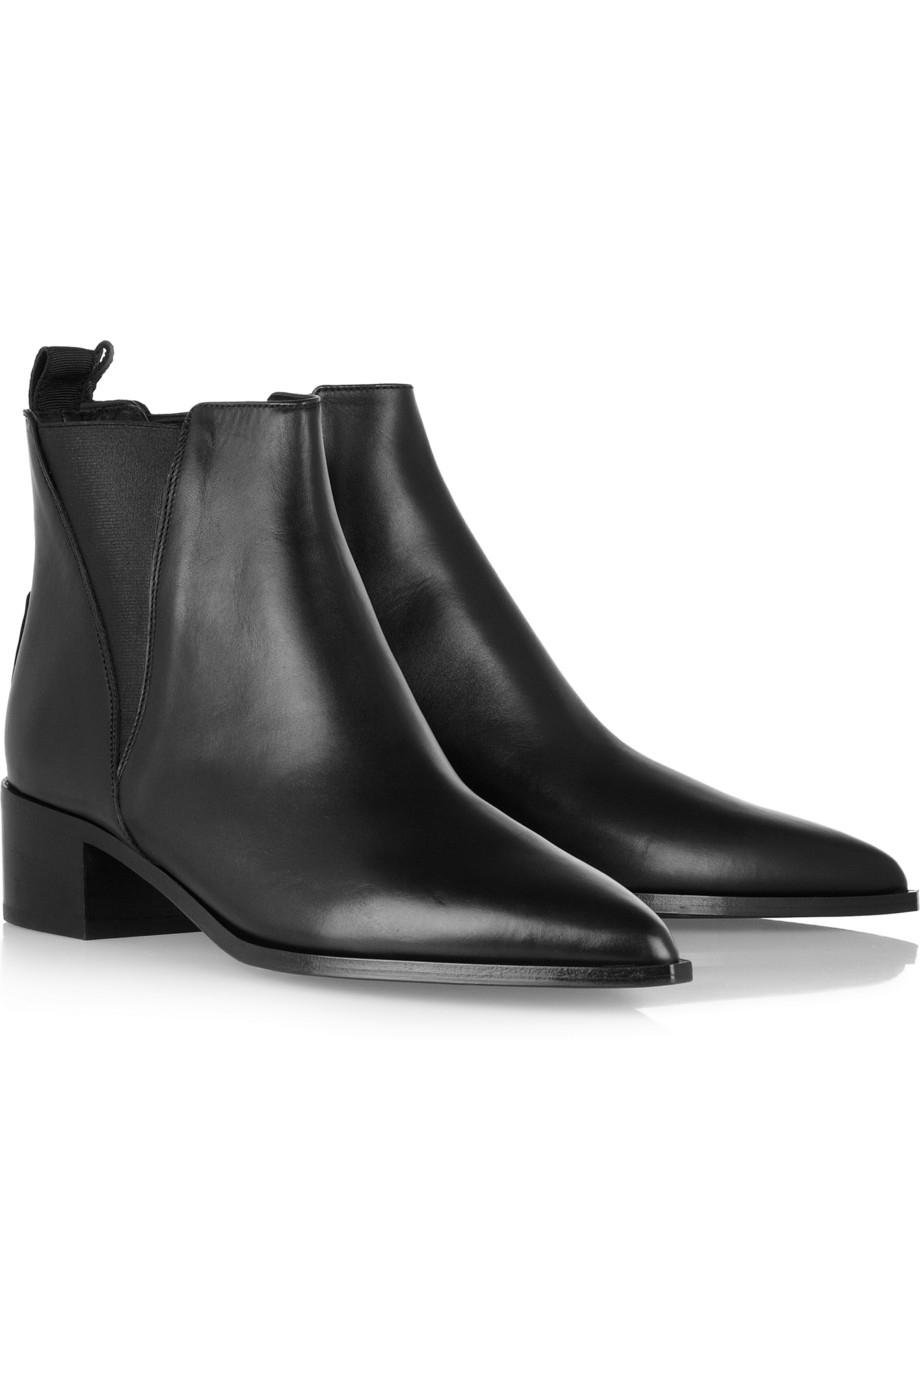 Acne Black Shoes